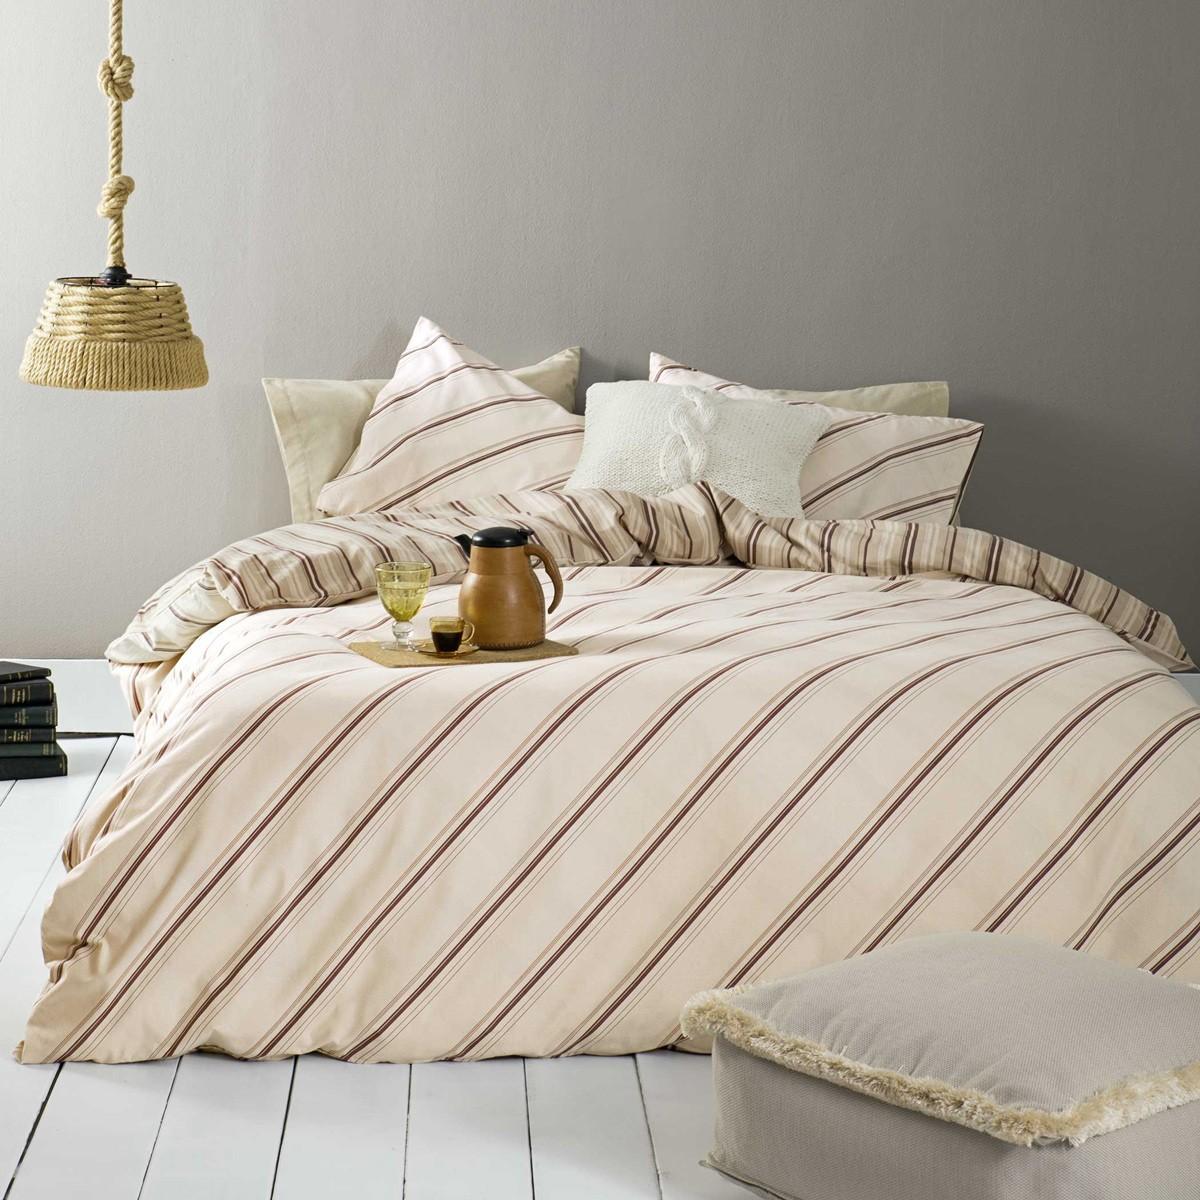 Φανελένια Παπλωματοθήκη Υπέρδιπλη (Σετ) Nima Bed Linen Bellini